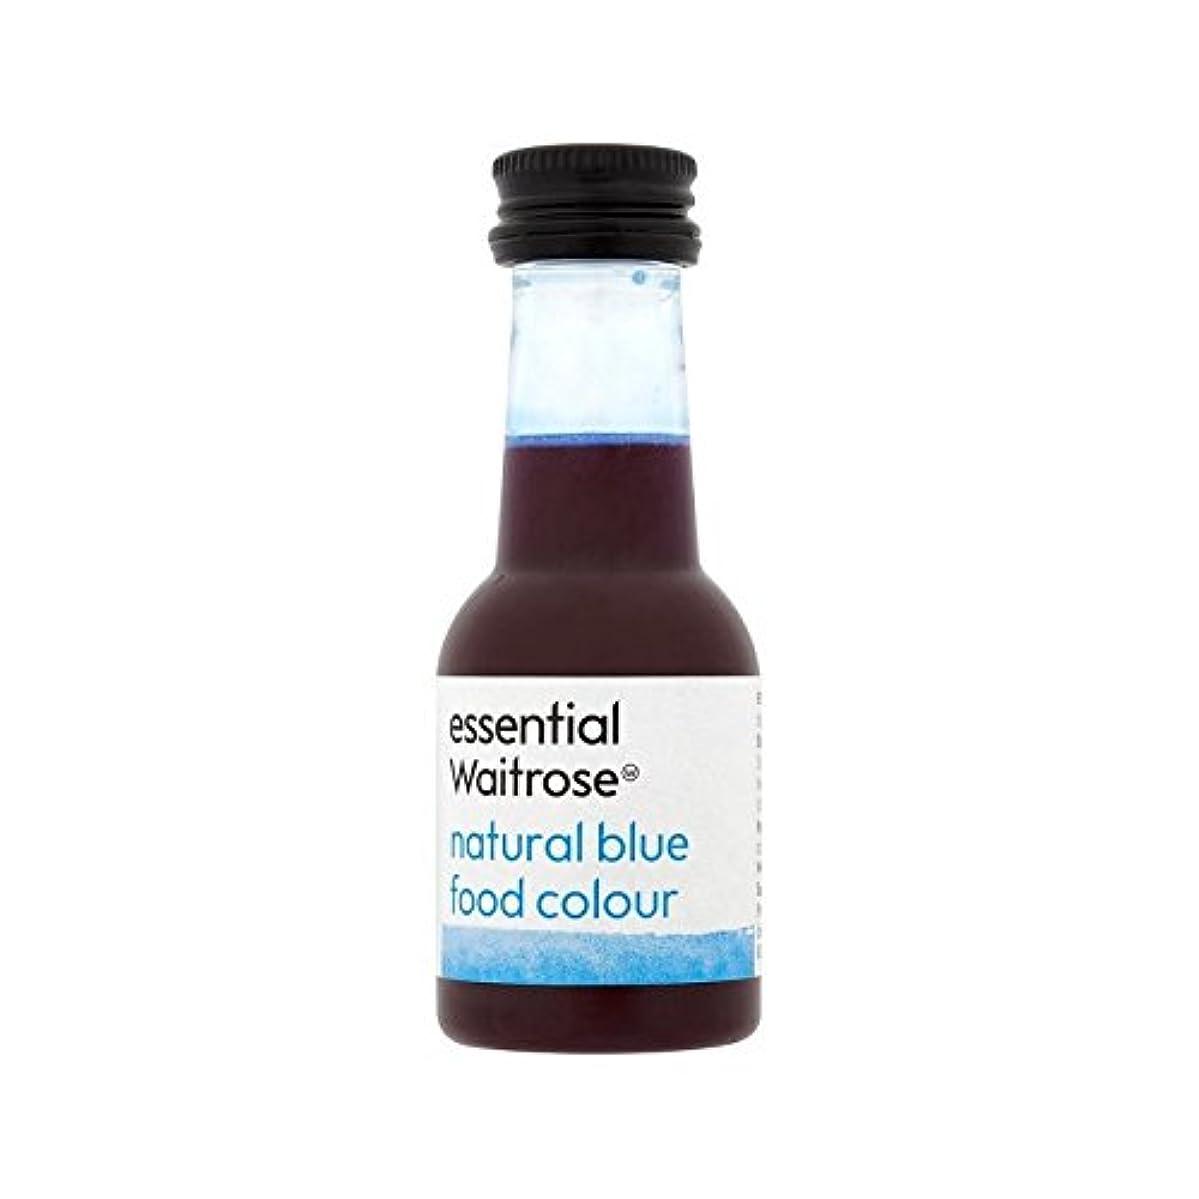 公使館最も遠い二次自然青い食品着色料不可欠38ミリリットル (Waitrose) (x 4) - Natural Blue Food Colouring essential Waitrose 38ml (Pack of 4)